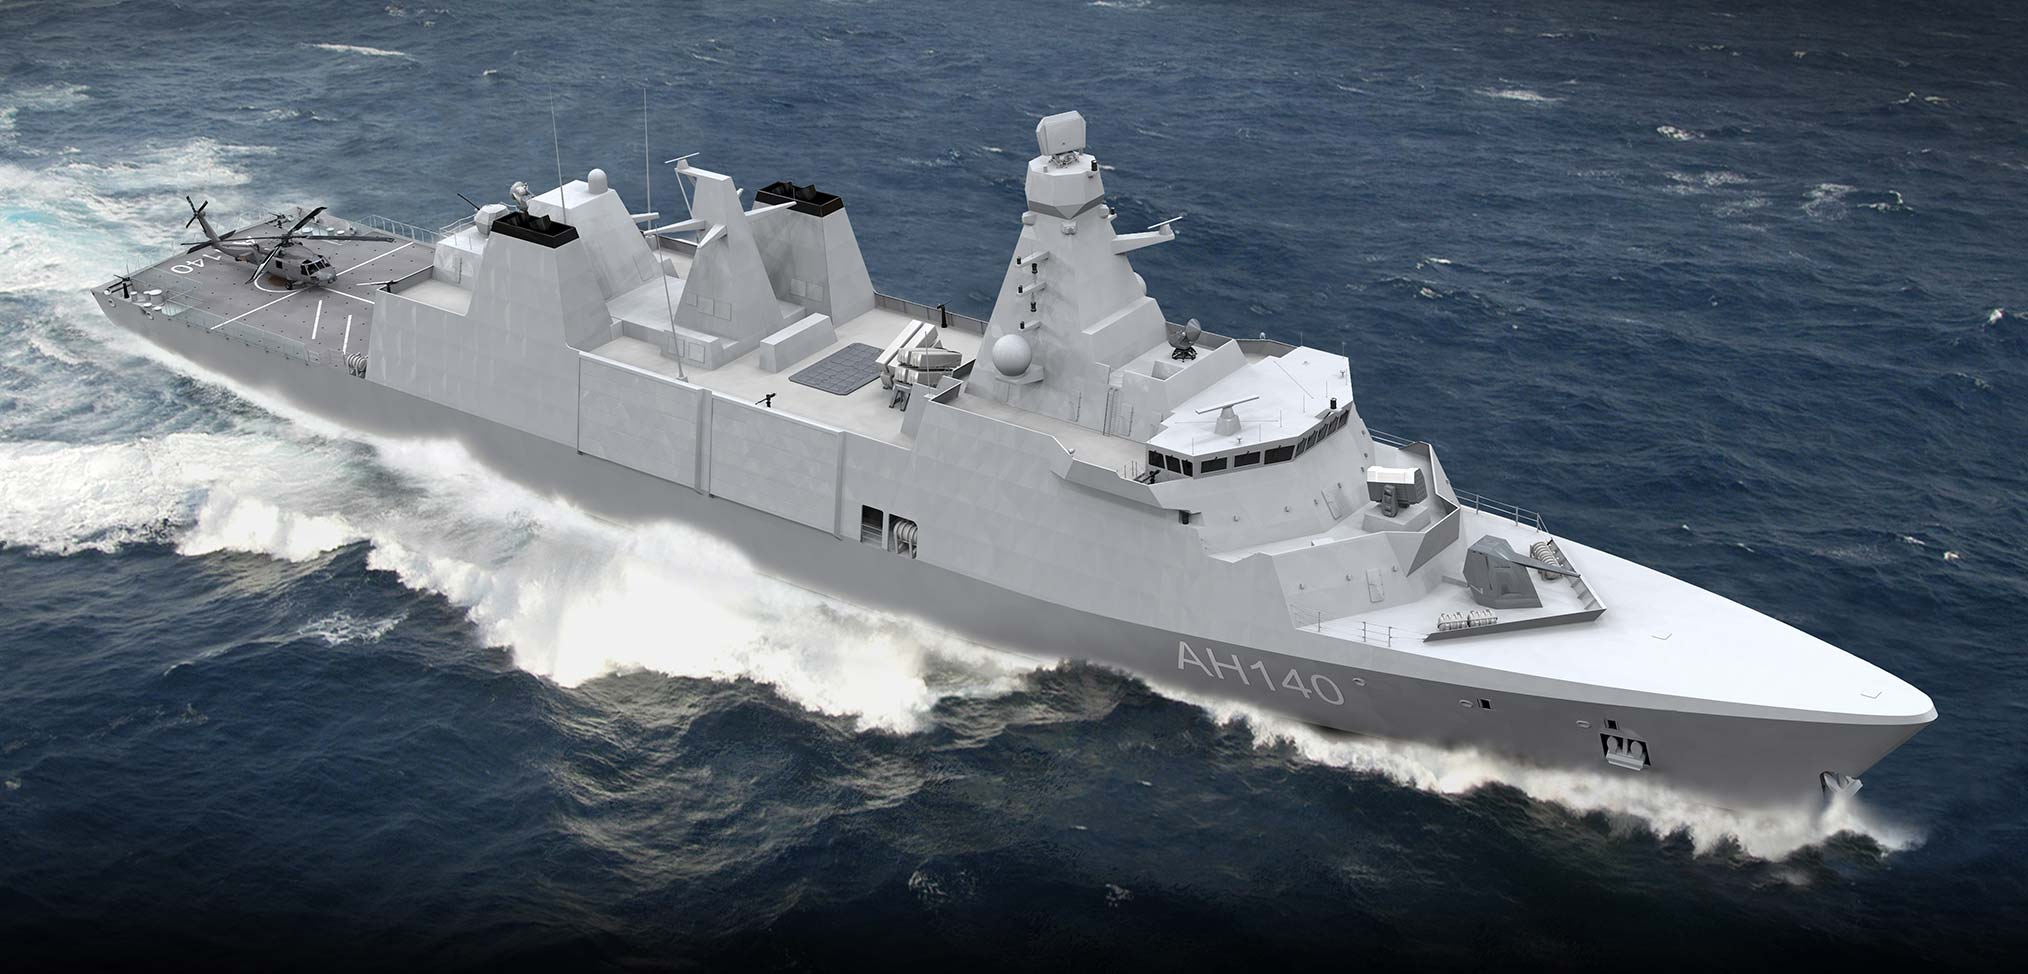 Φρεγάτες Πολεμικού Ναυτικού: Η βρετανική Arrowhead, οι MEKO και τα ναυπηγεία